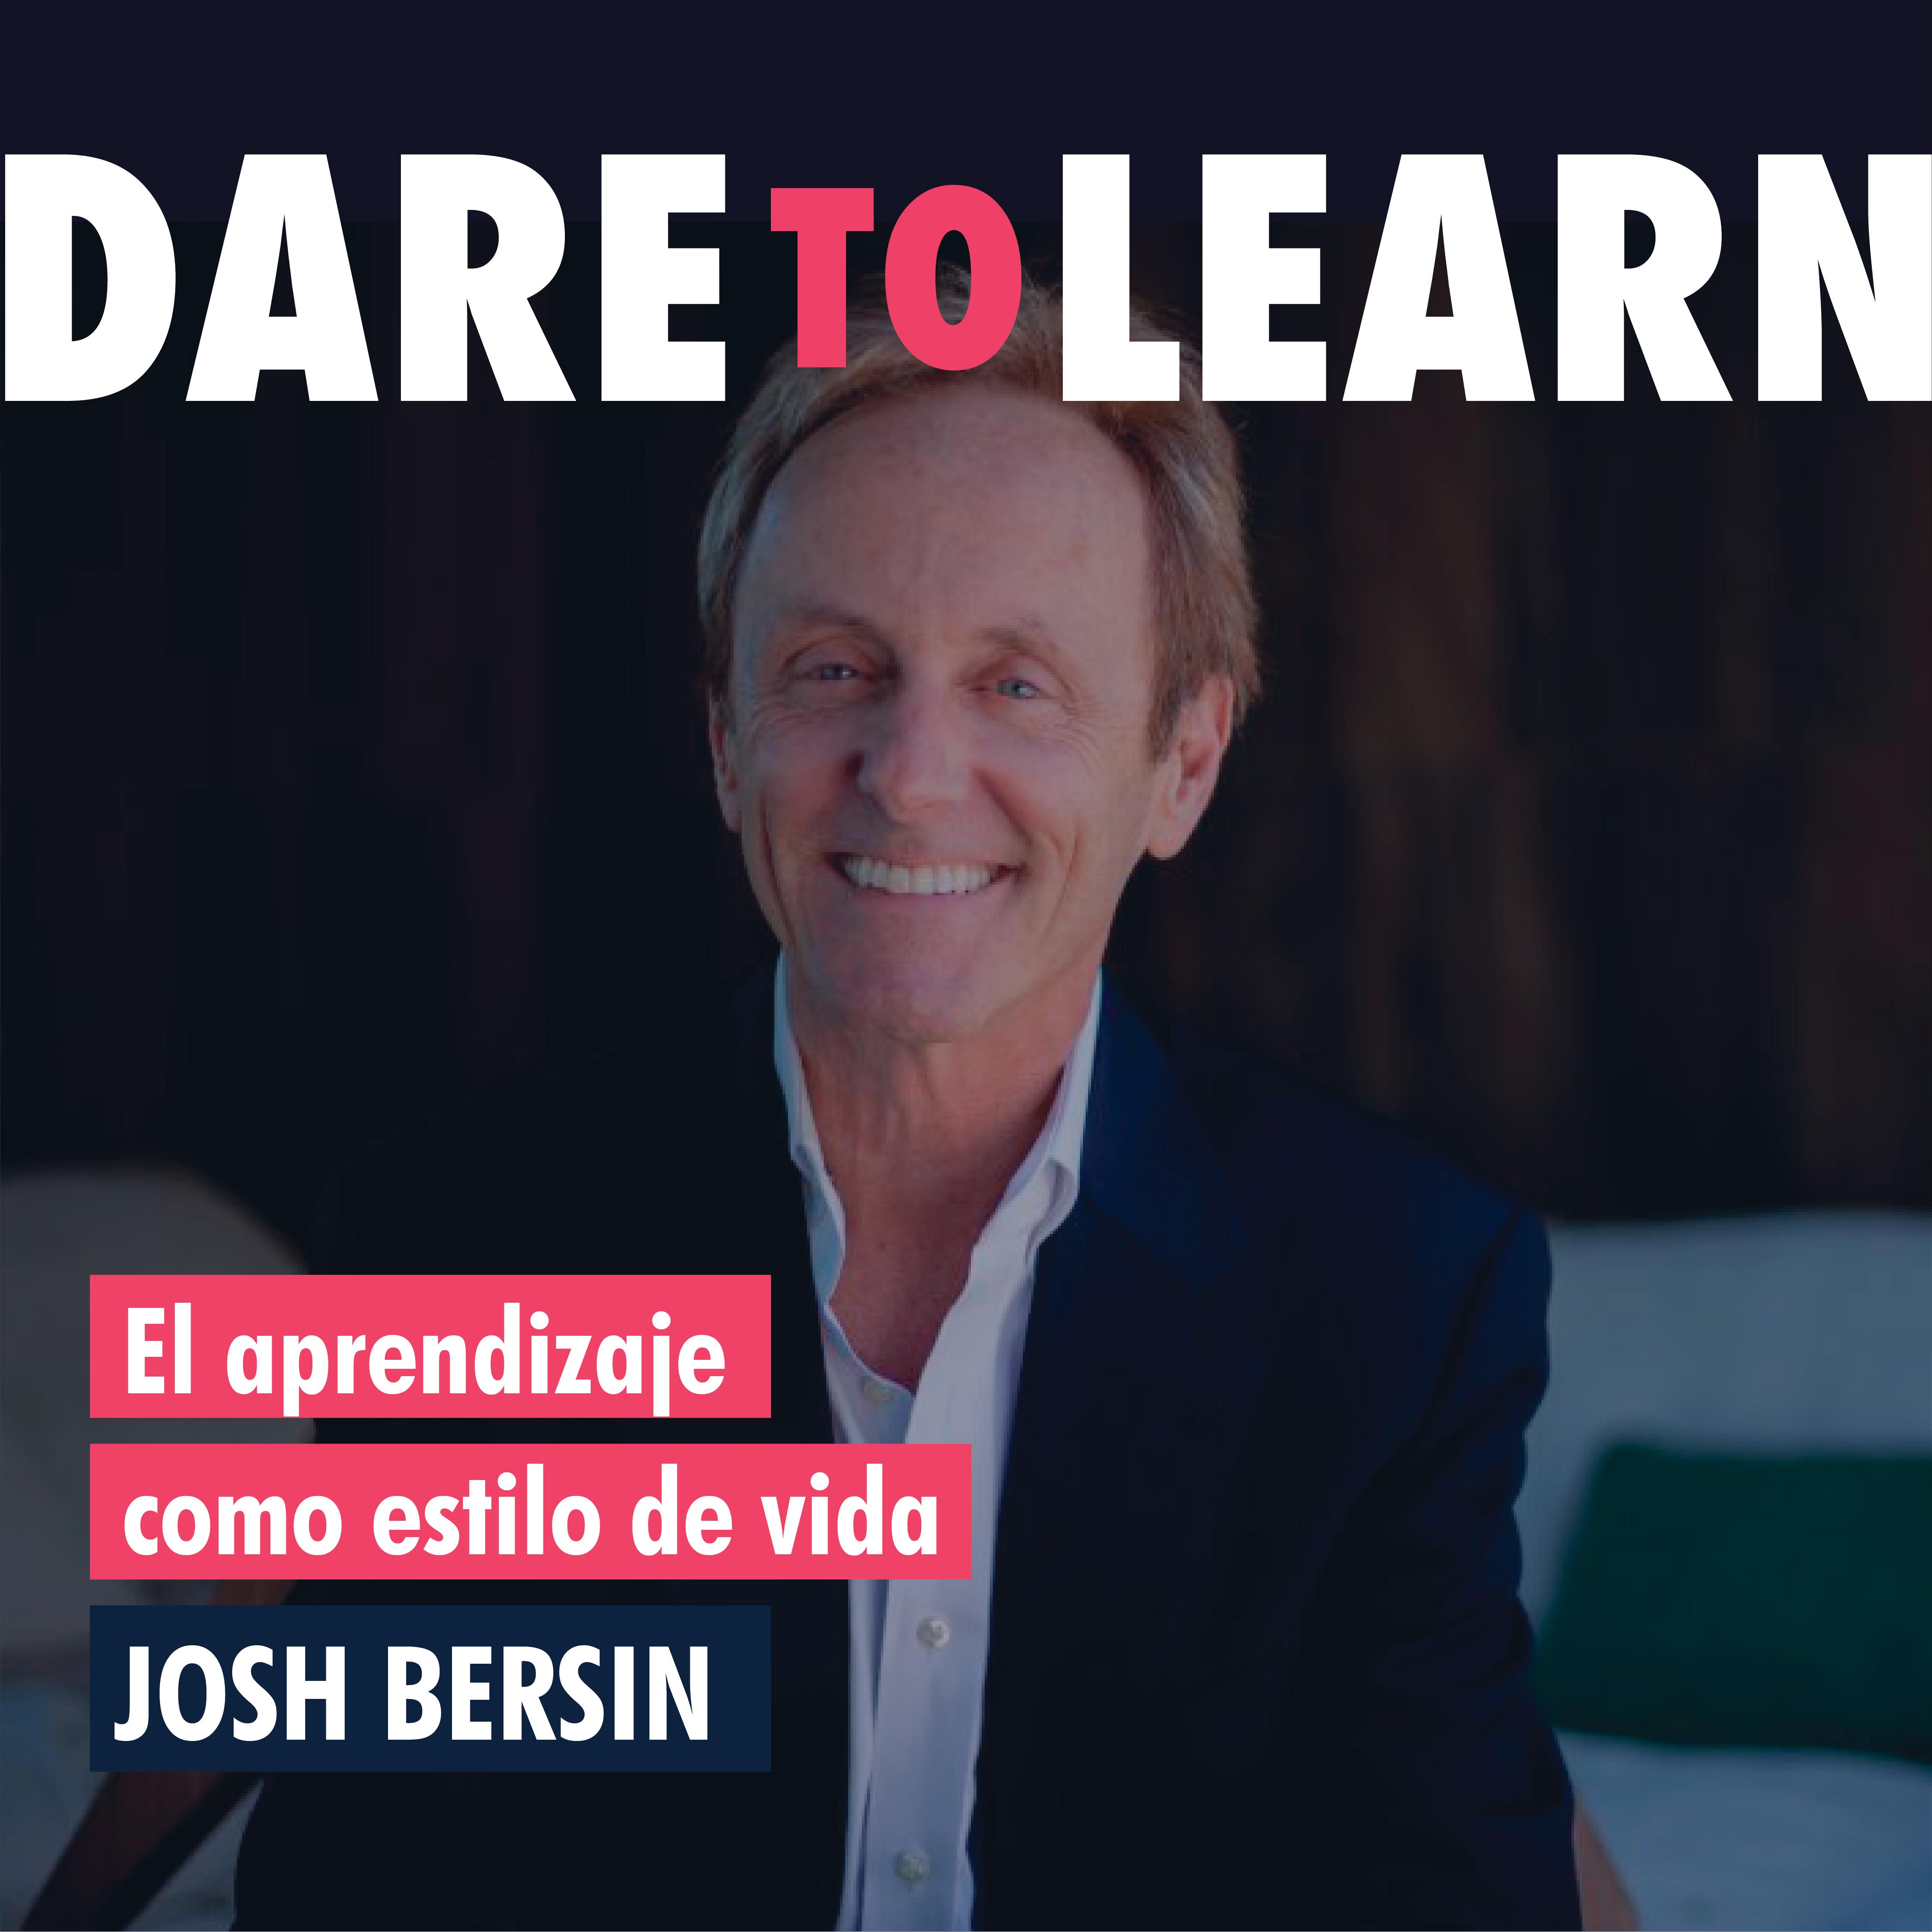 Josh Bersin – El aprendizaje como estilo de vida.